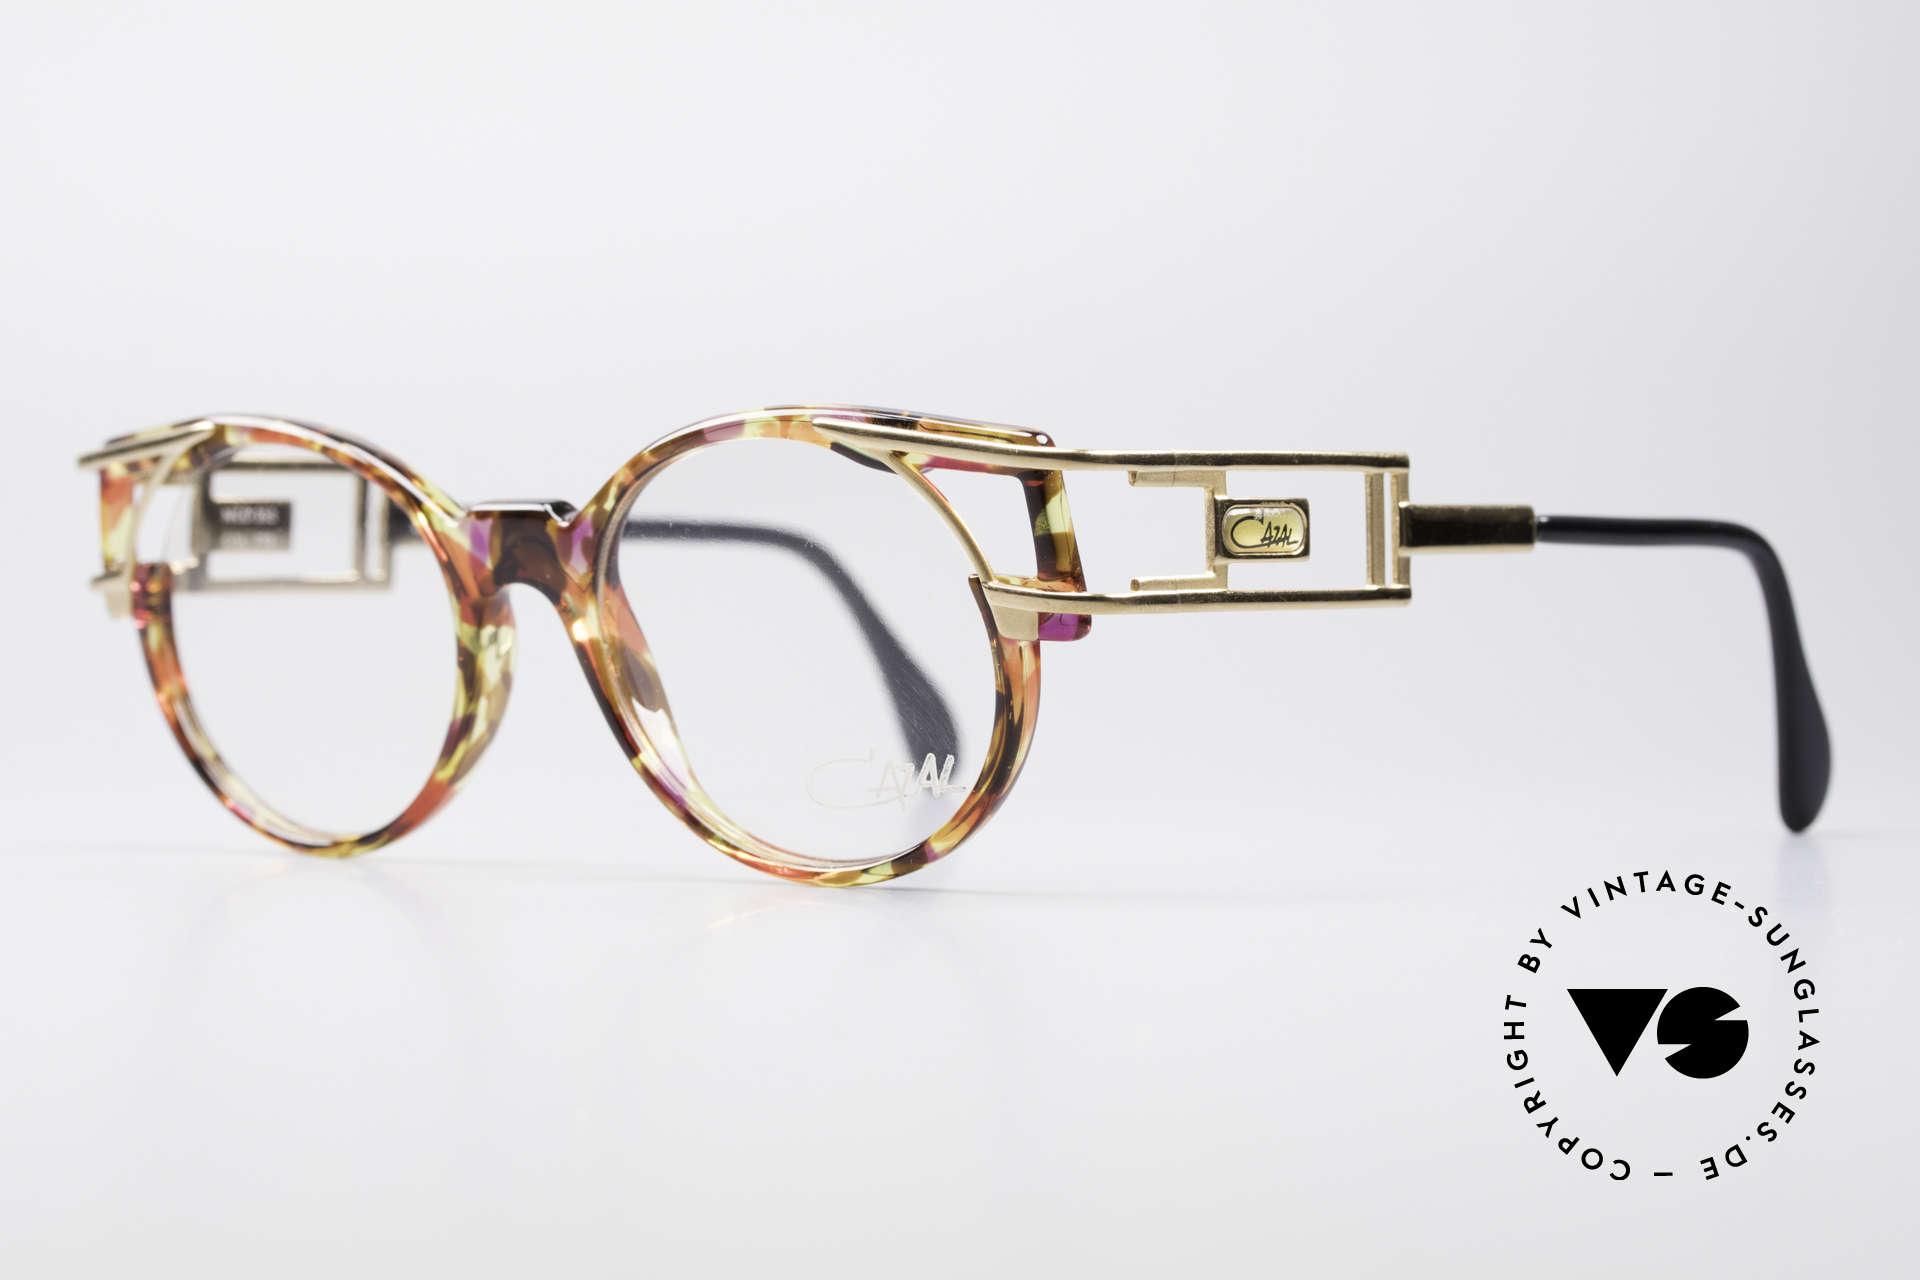 Cazal 353 90er Old School Vintage Brille, Bügelform identisch dem legendären Cazal Mod. 958, Passend für Herren und Damen